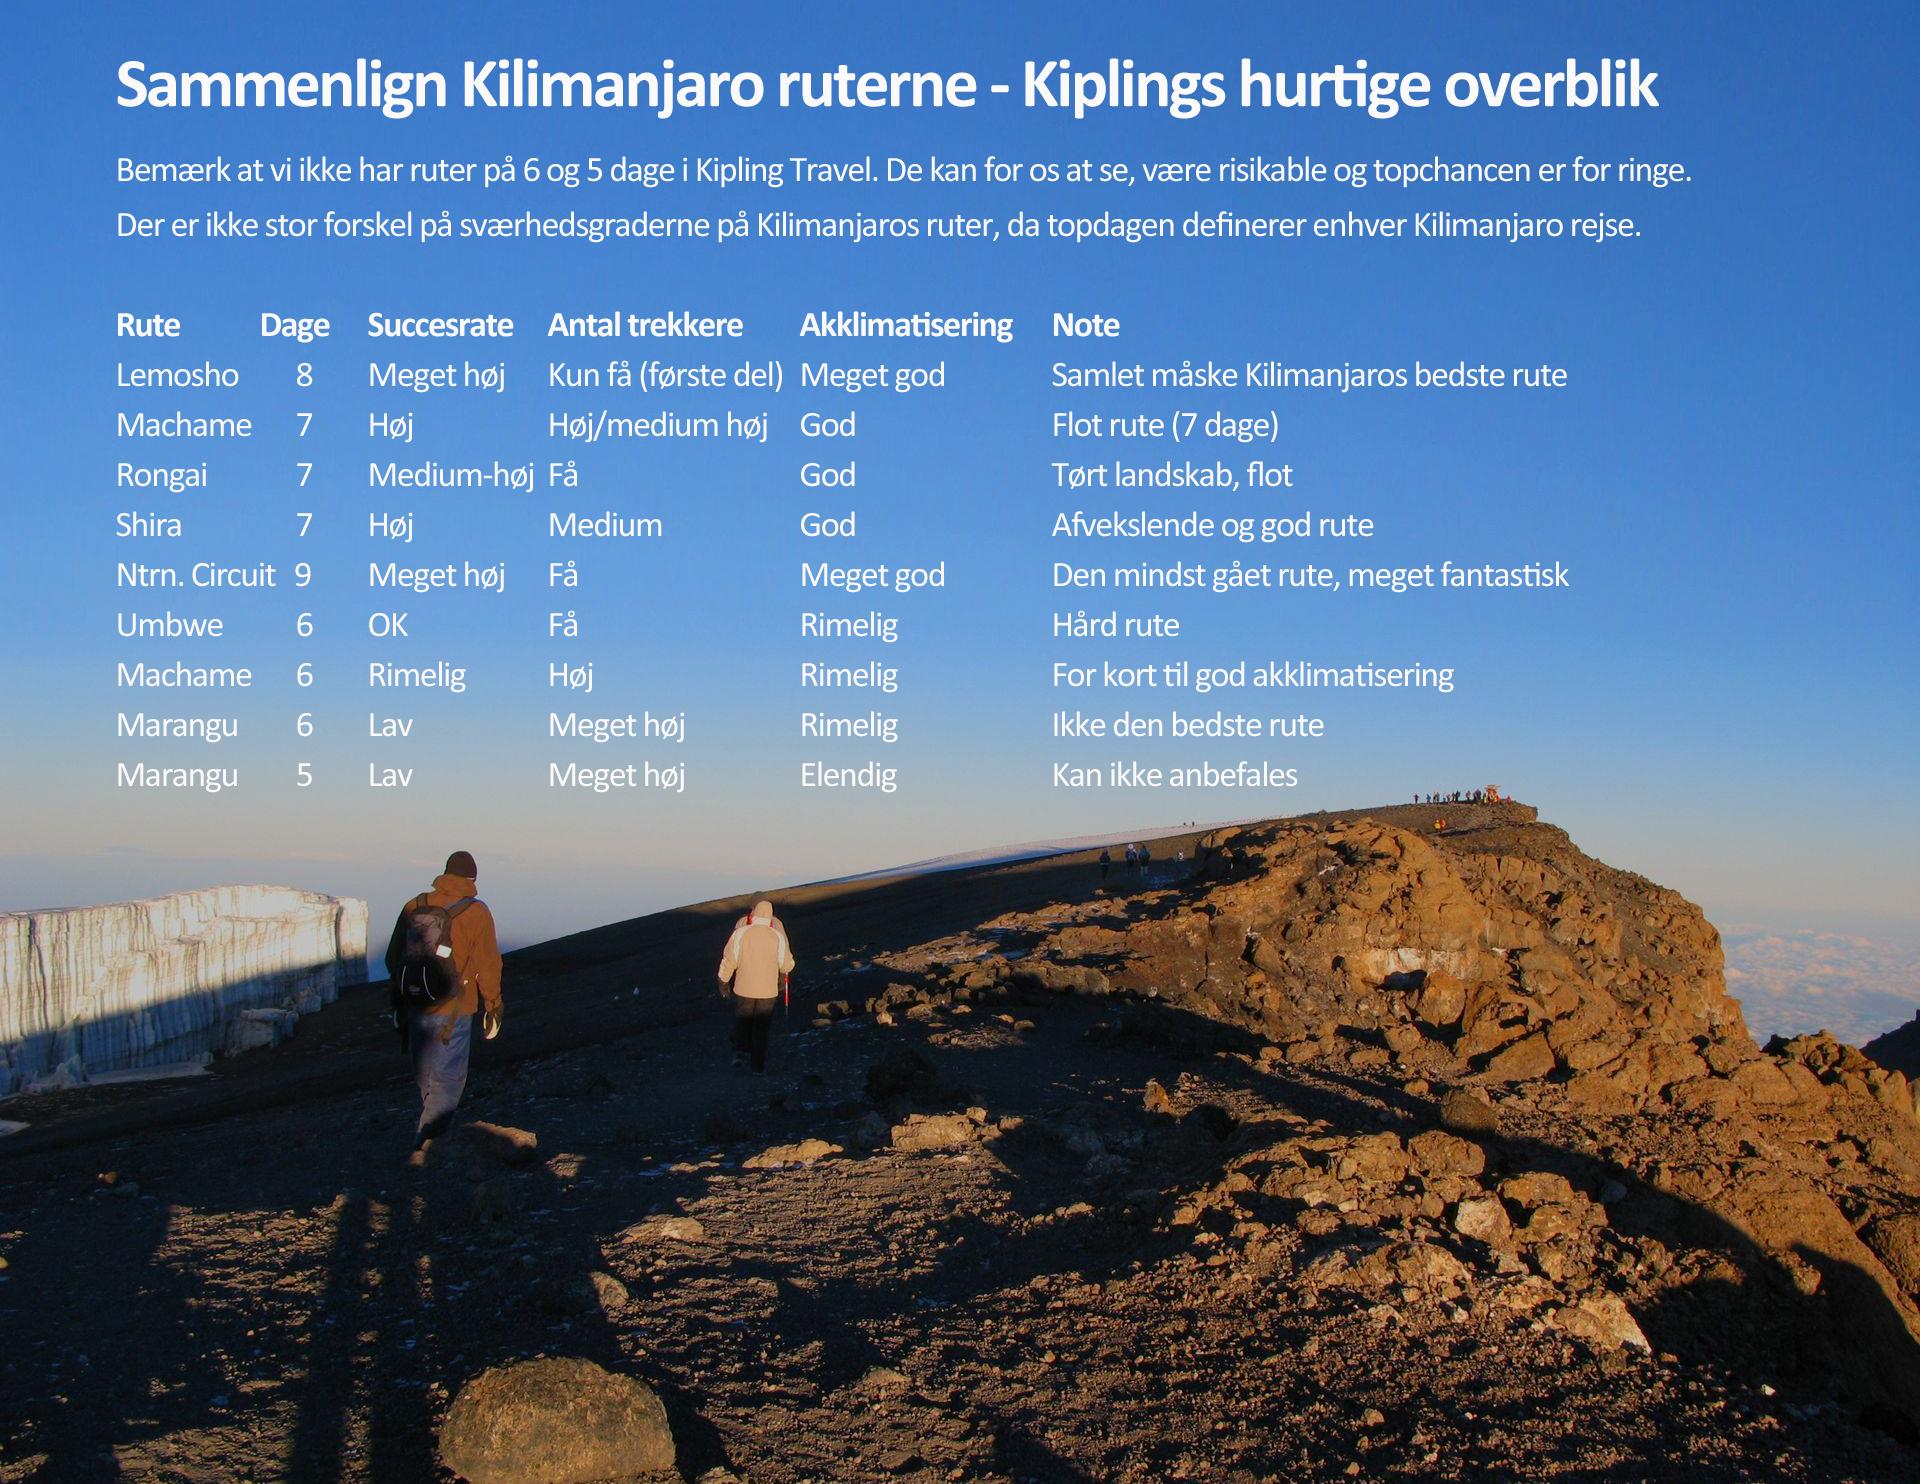 Ruter Kilimanjaro